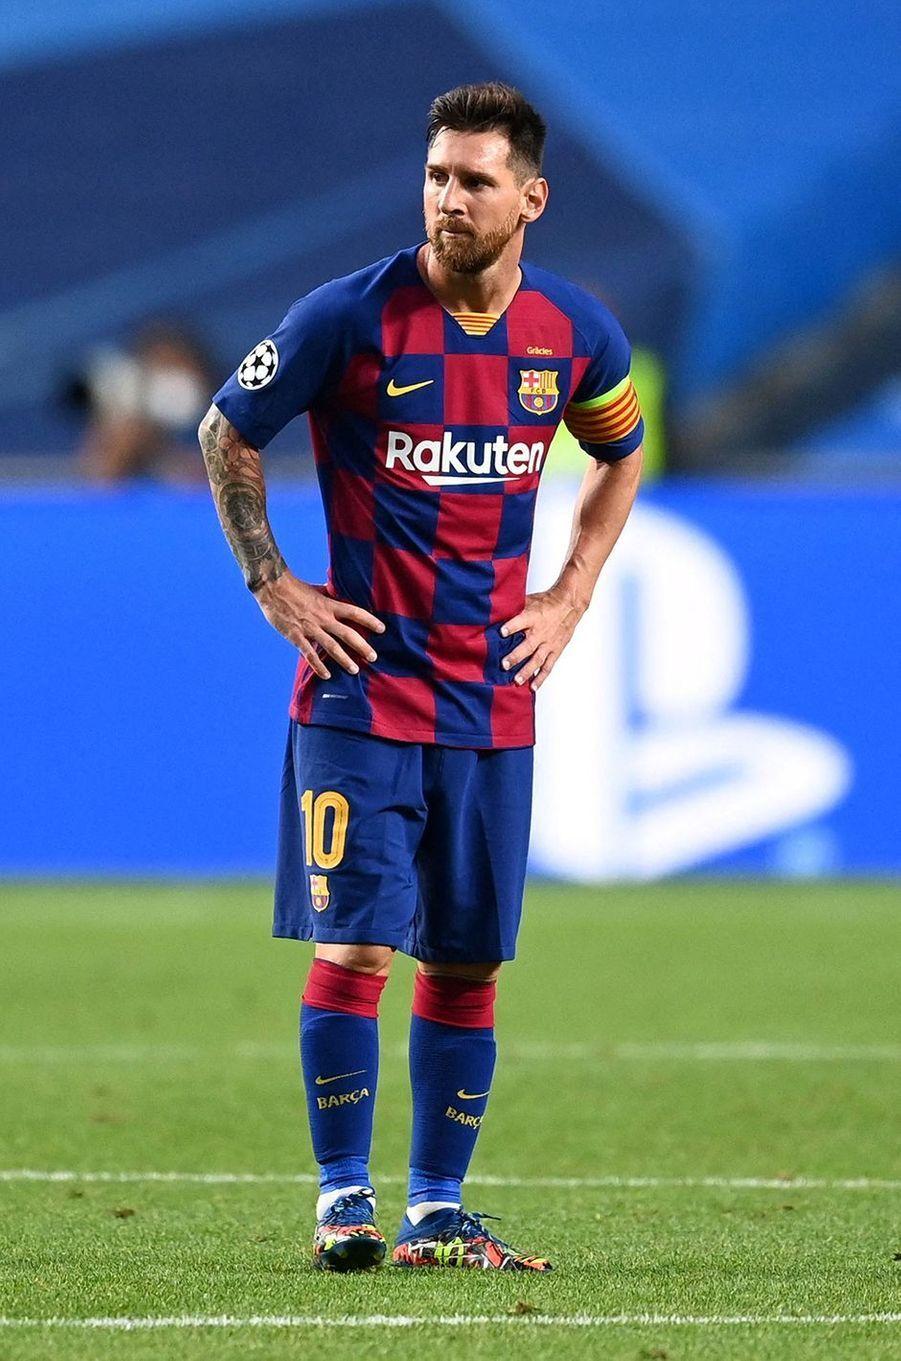 11 - Lionel Messi.Nombre d'abonnés (en date d'octobre 2020) : 168 millions. Ce qu'il gagne pour une publication sponsorisée : 695.000 dollars.